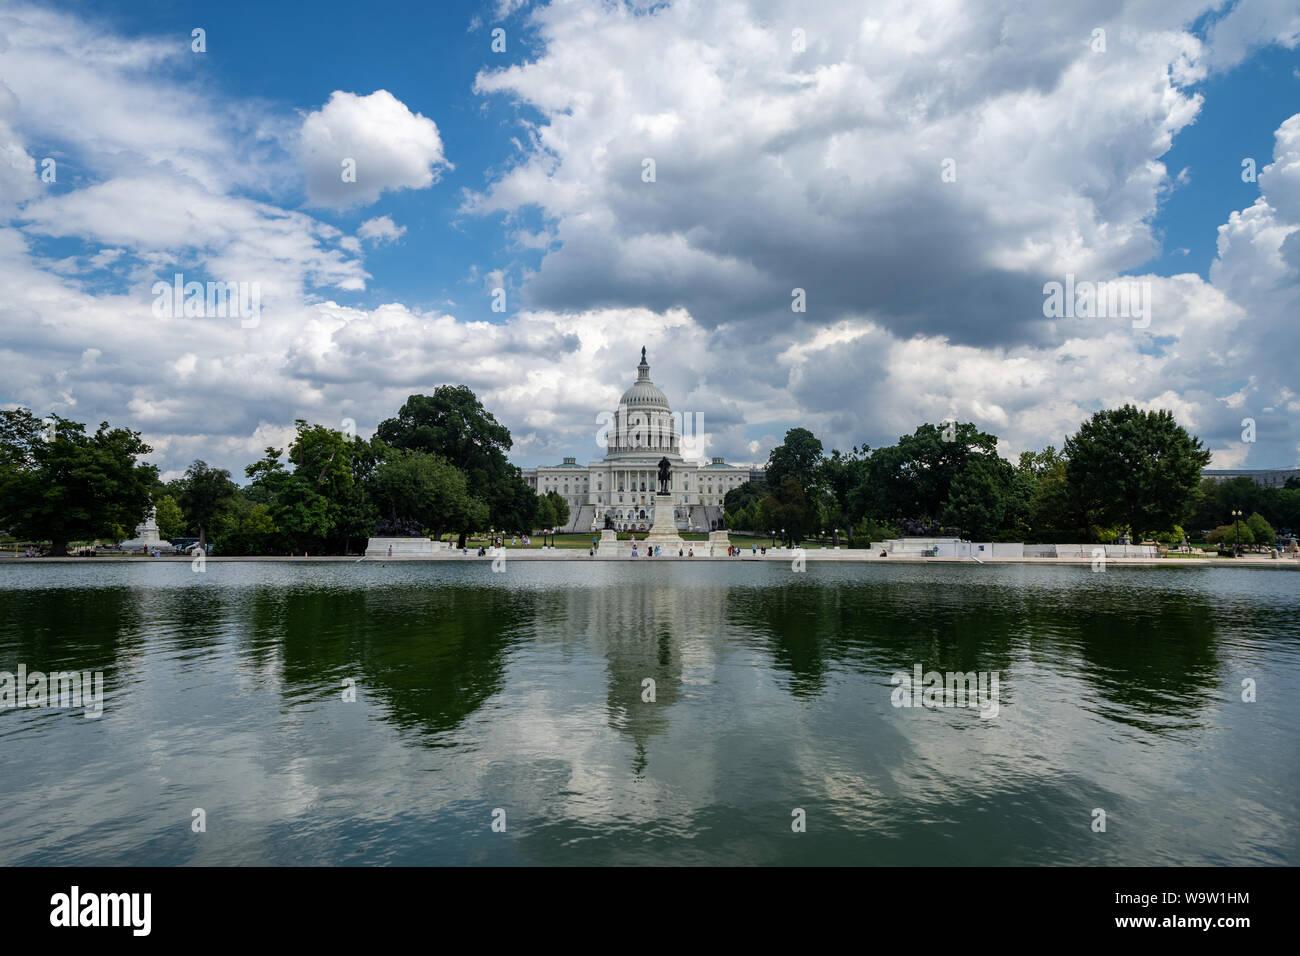 Weitwinkelaufnahme der United States Capitol in Washington DC auf einer leicht bewölkt Sommer Tag, auf der reflektierenden Pool Stockfoto